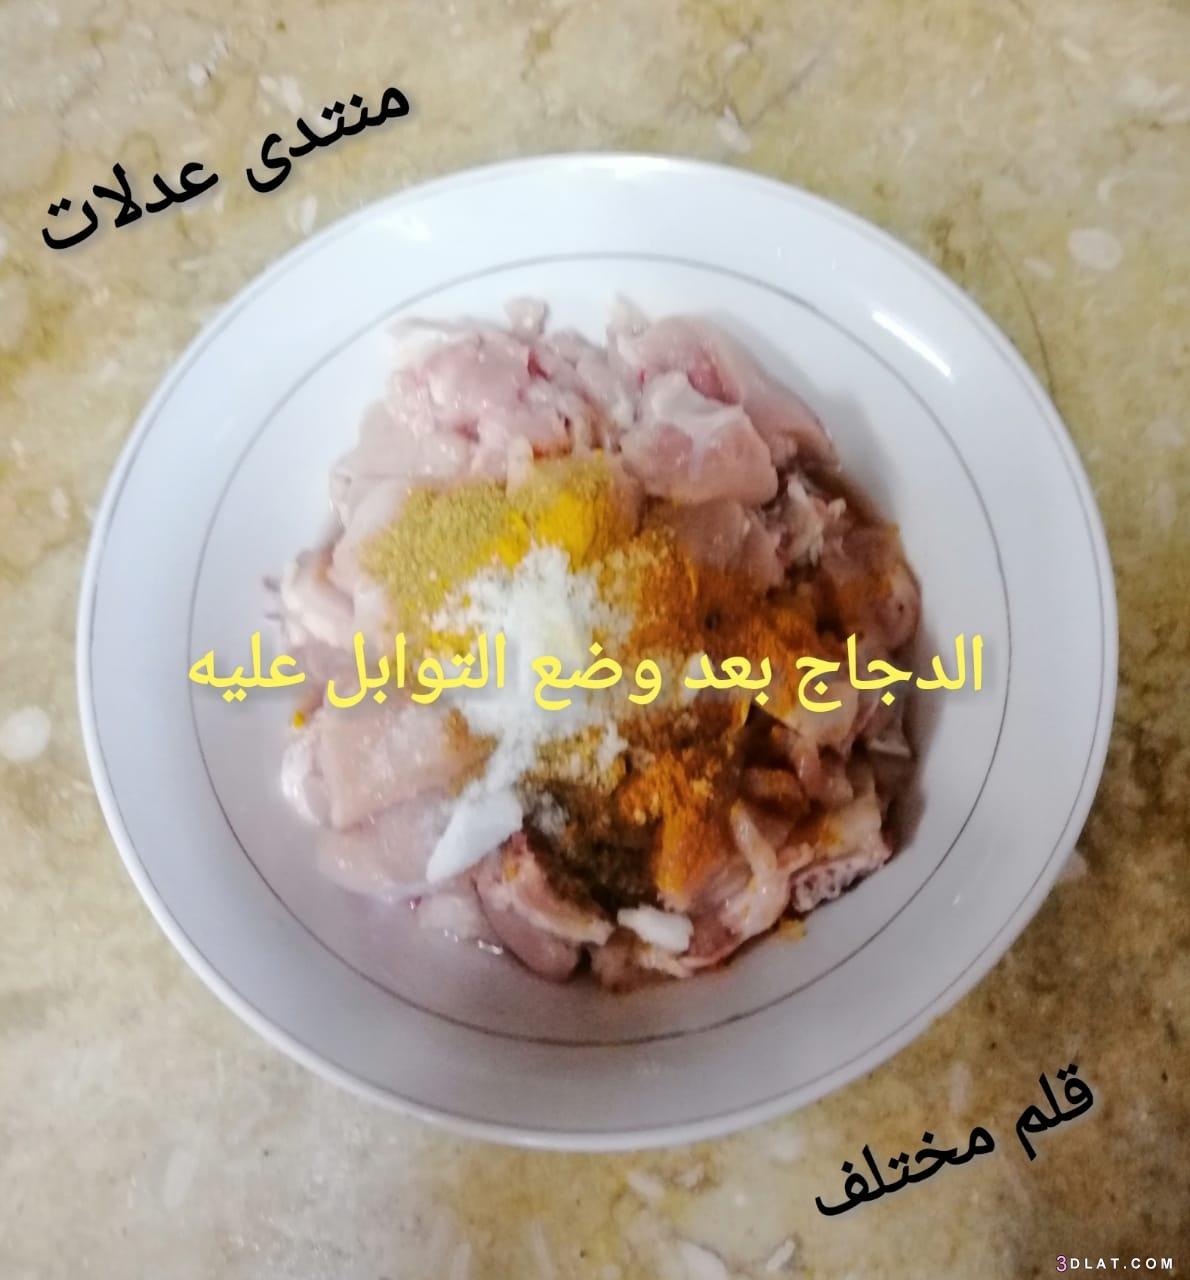 مطبخي ((قطع الدجاج الخضروات)) 3dlat.com_29_18_51b1